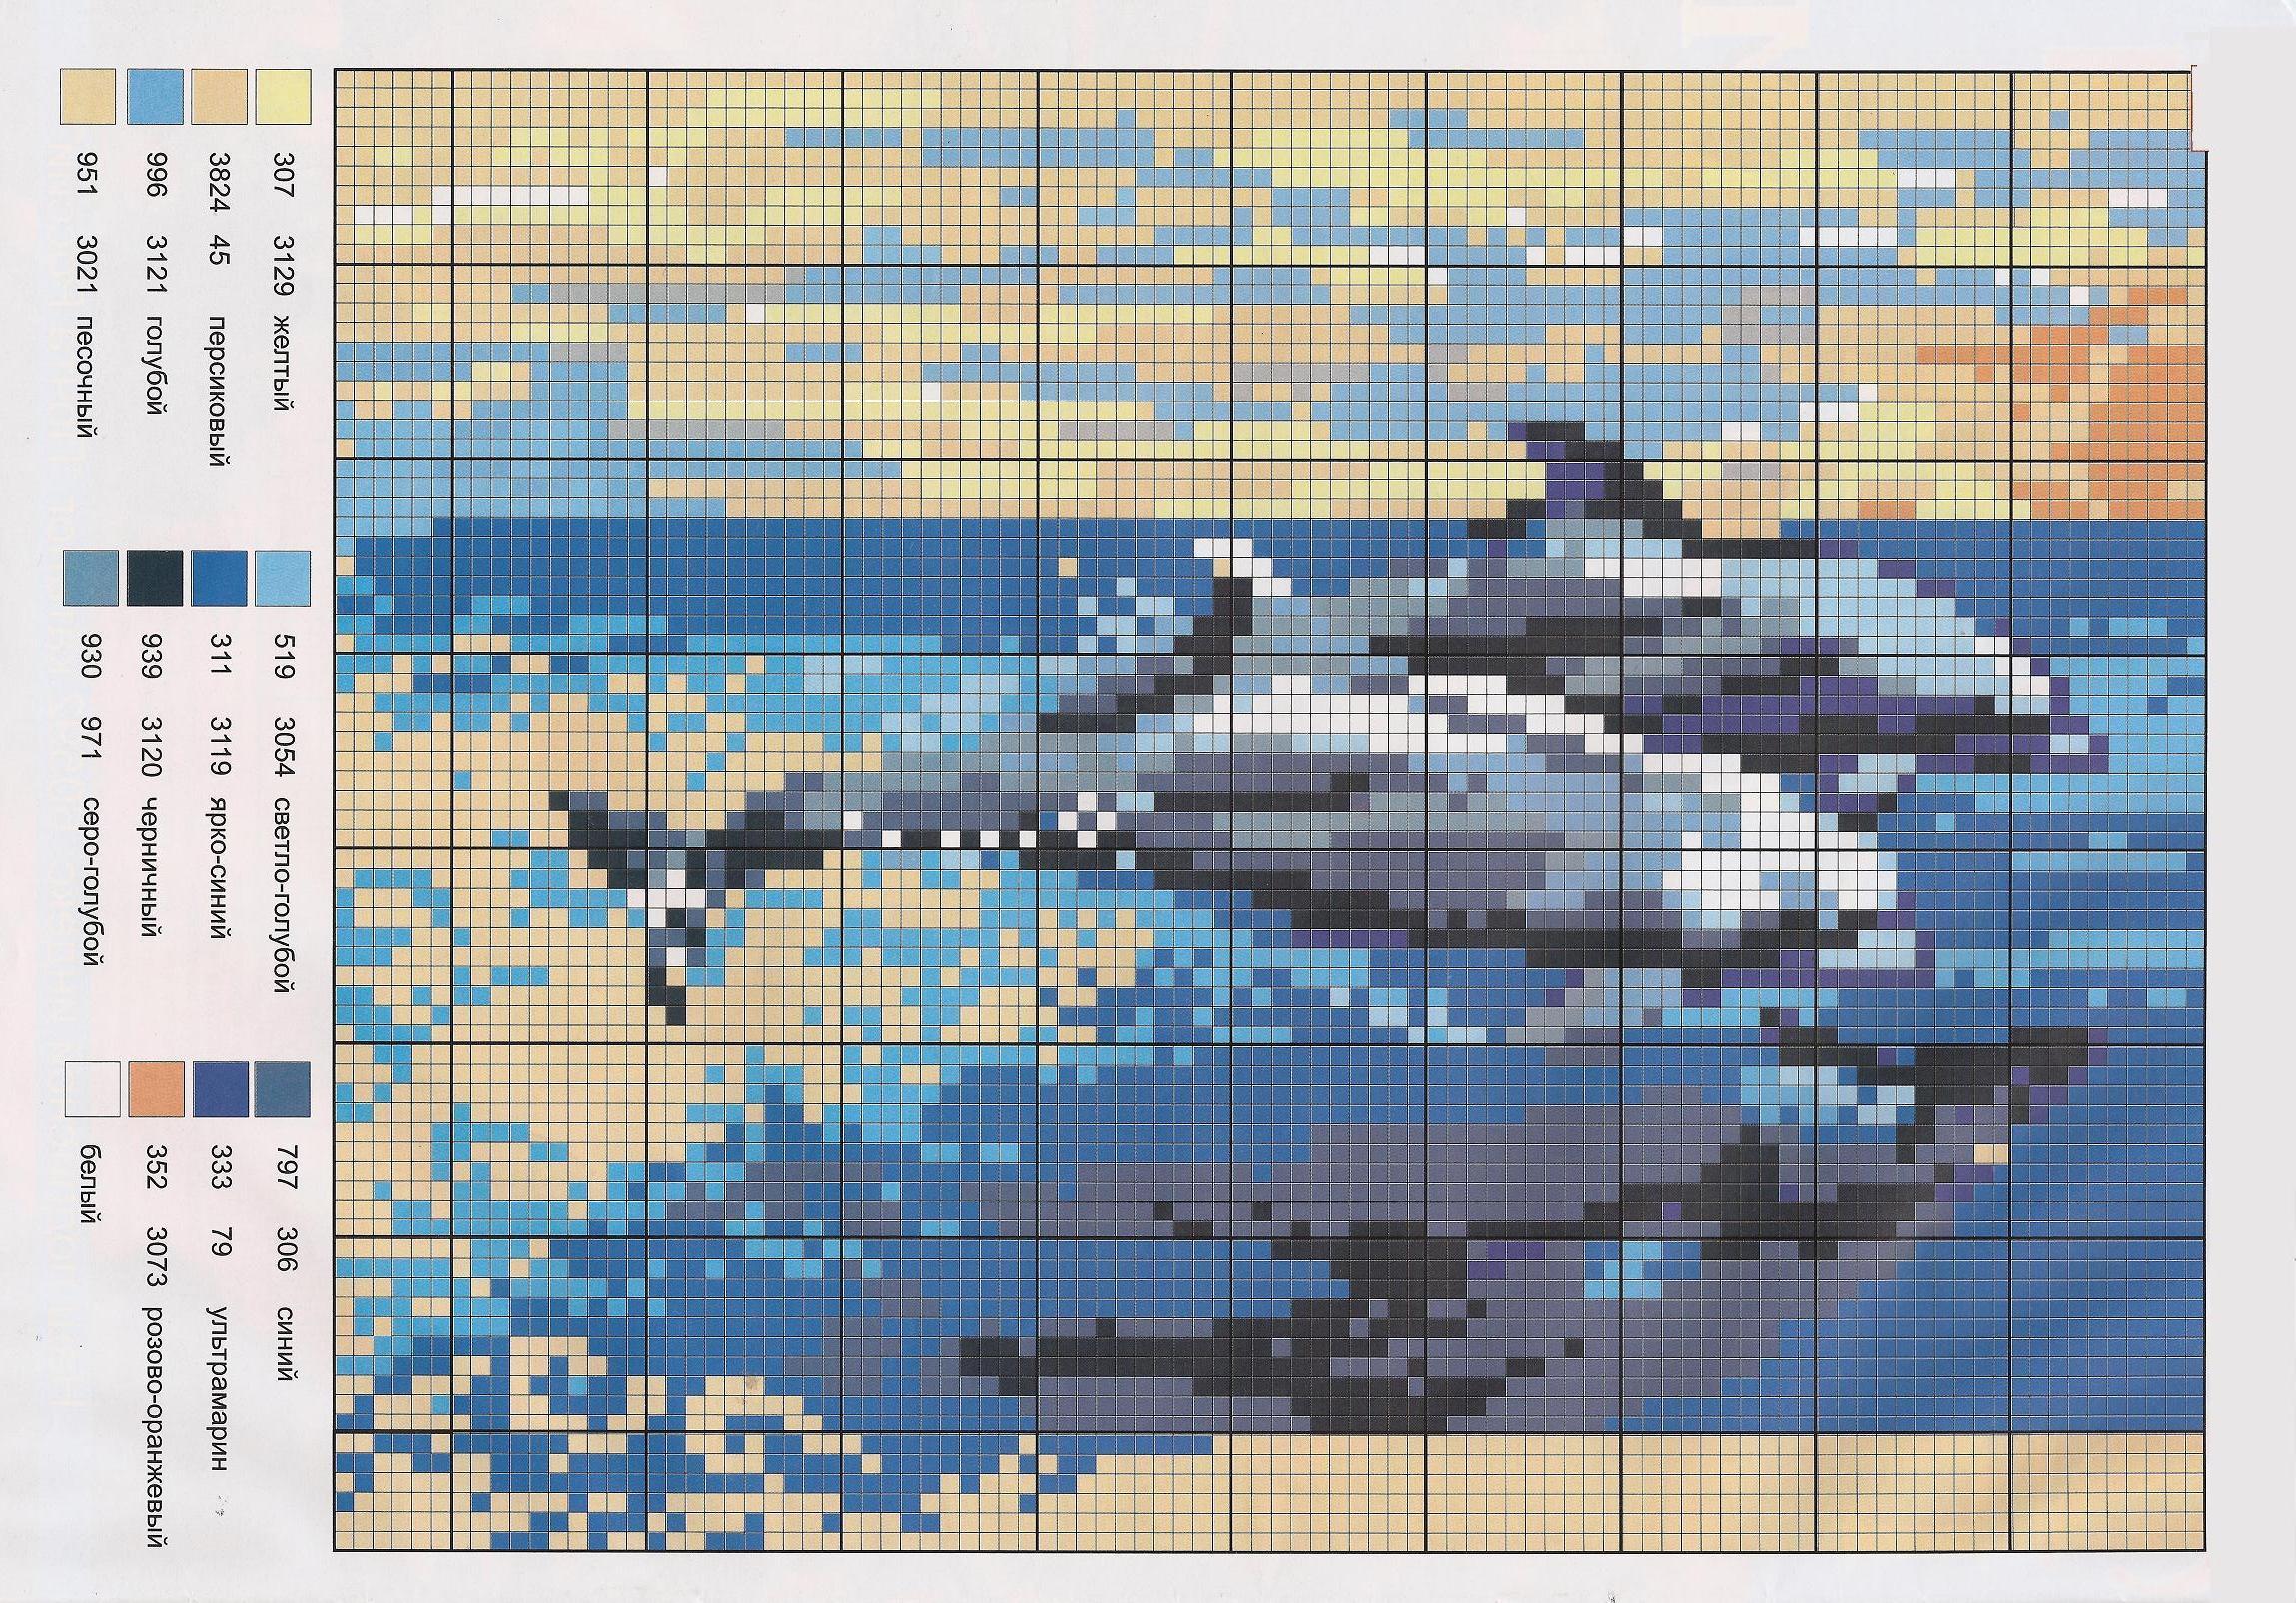 Вышивка крестом: Дельфины схема 36